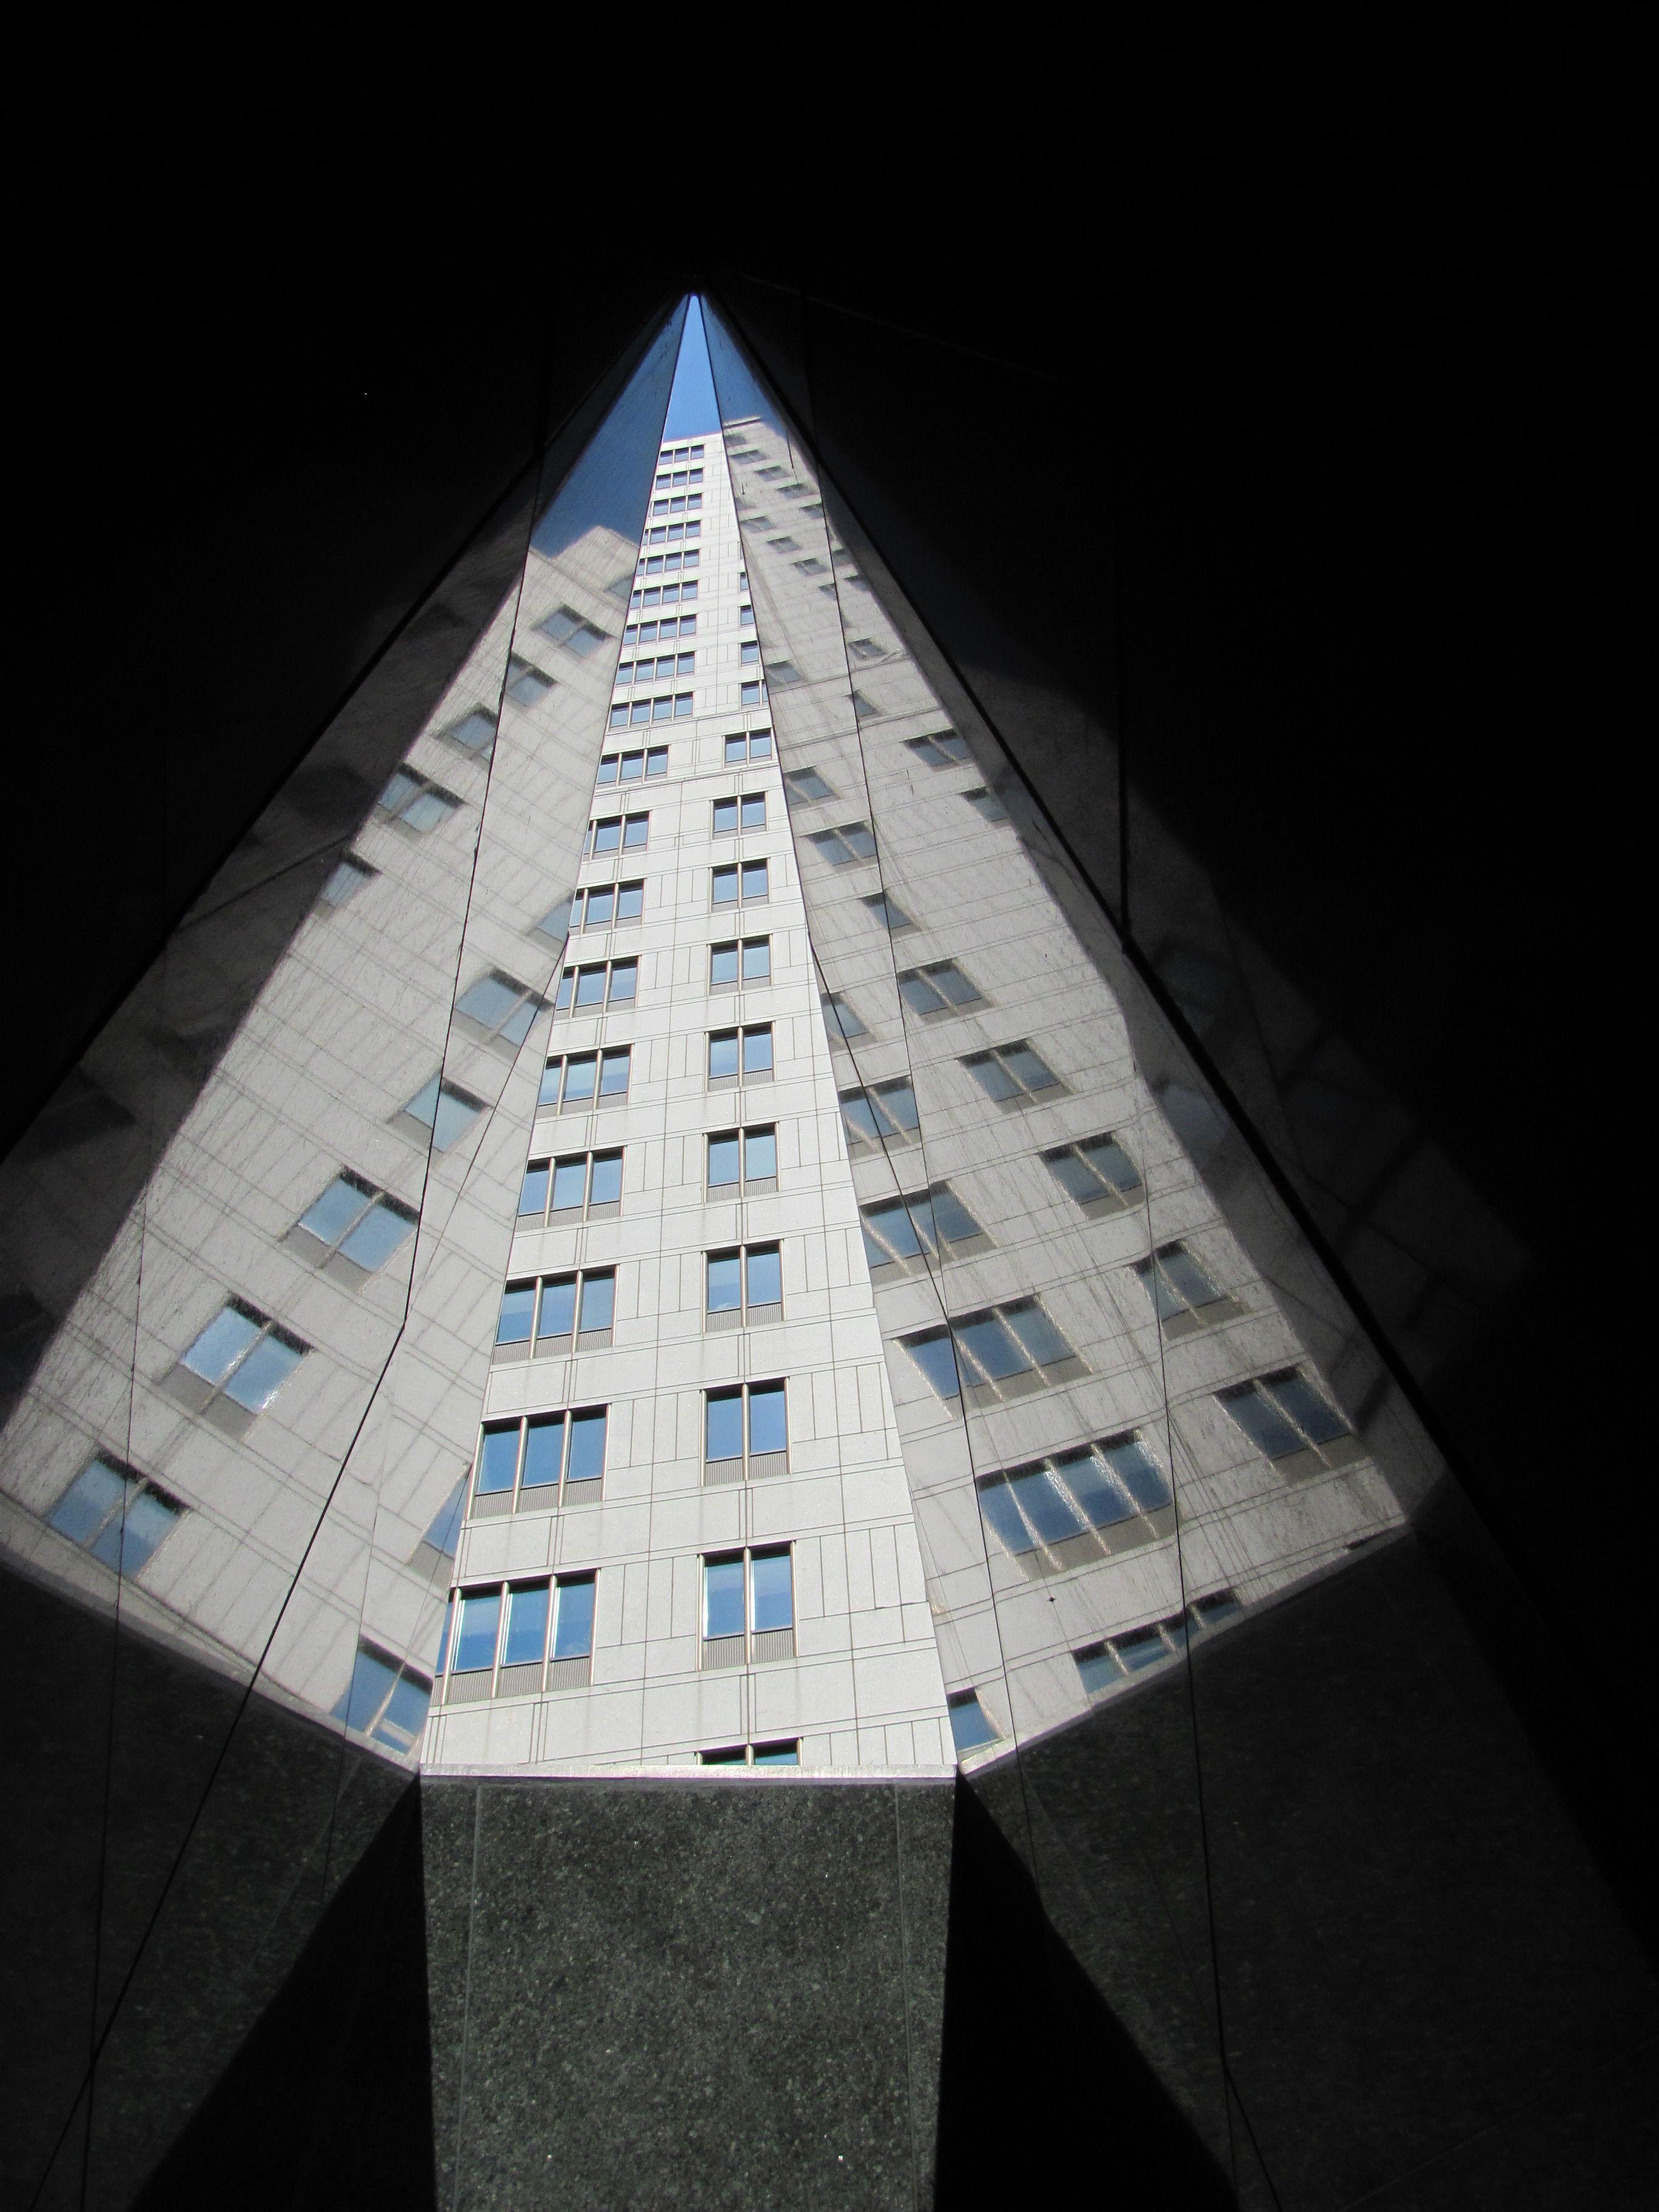 Durchblick durch die Libationskammer nach oben auf das Bundesgebäude, das auf dem Friedhof errichtet wurde